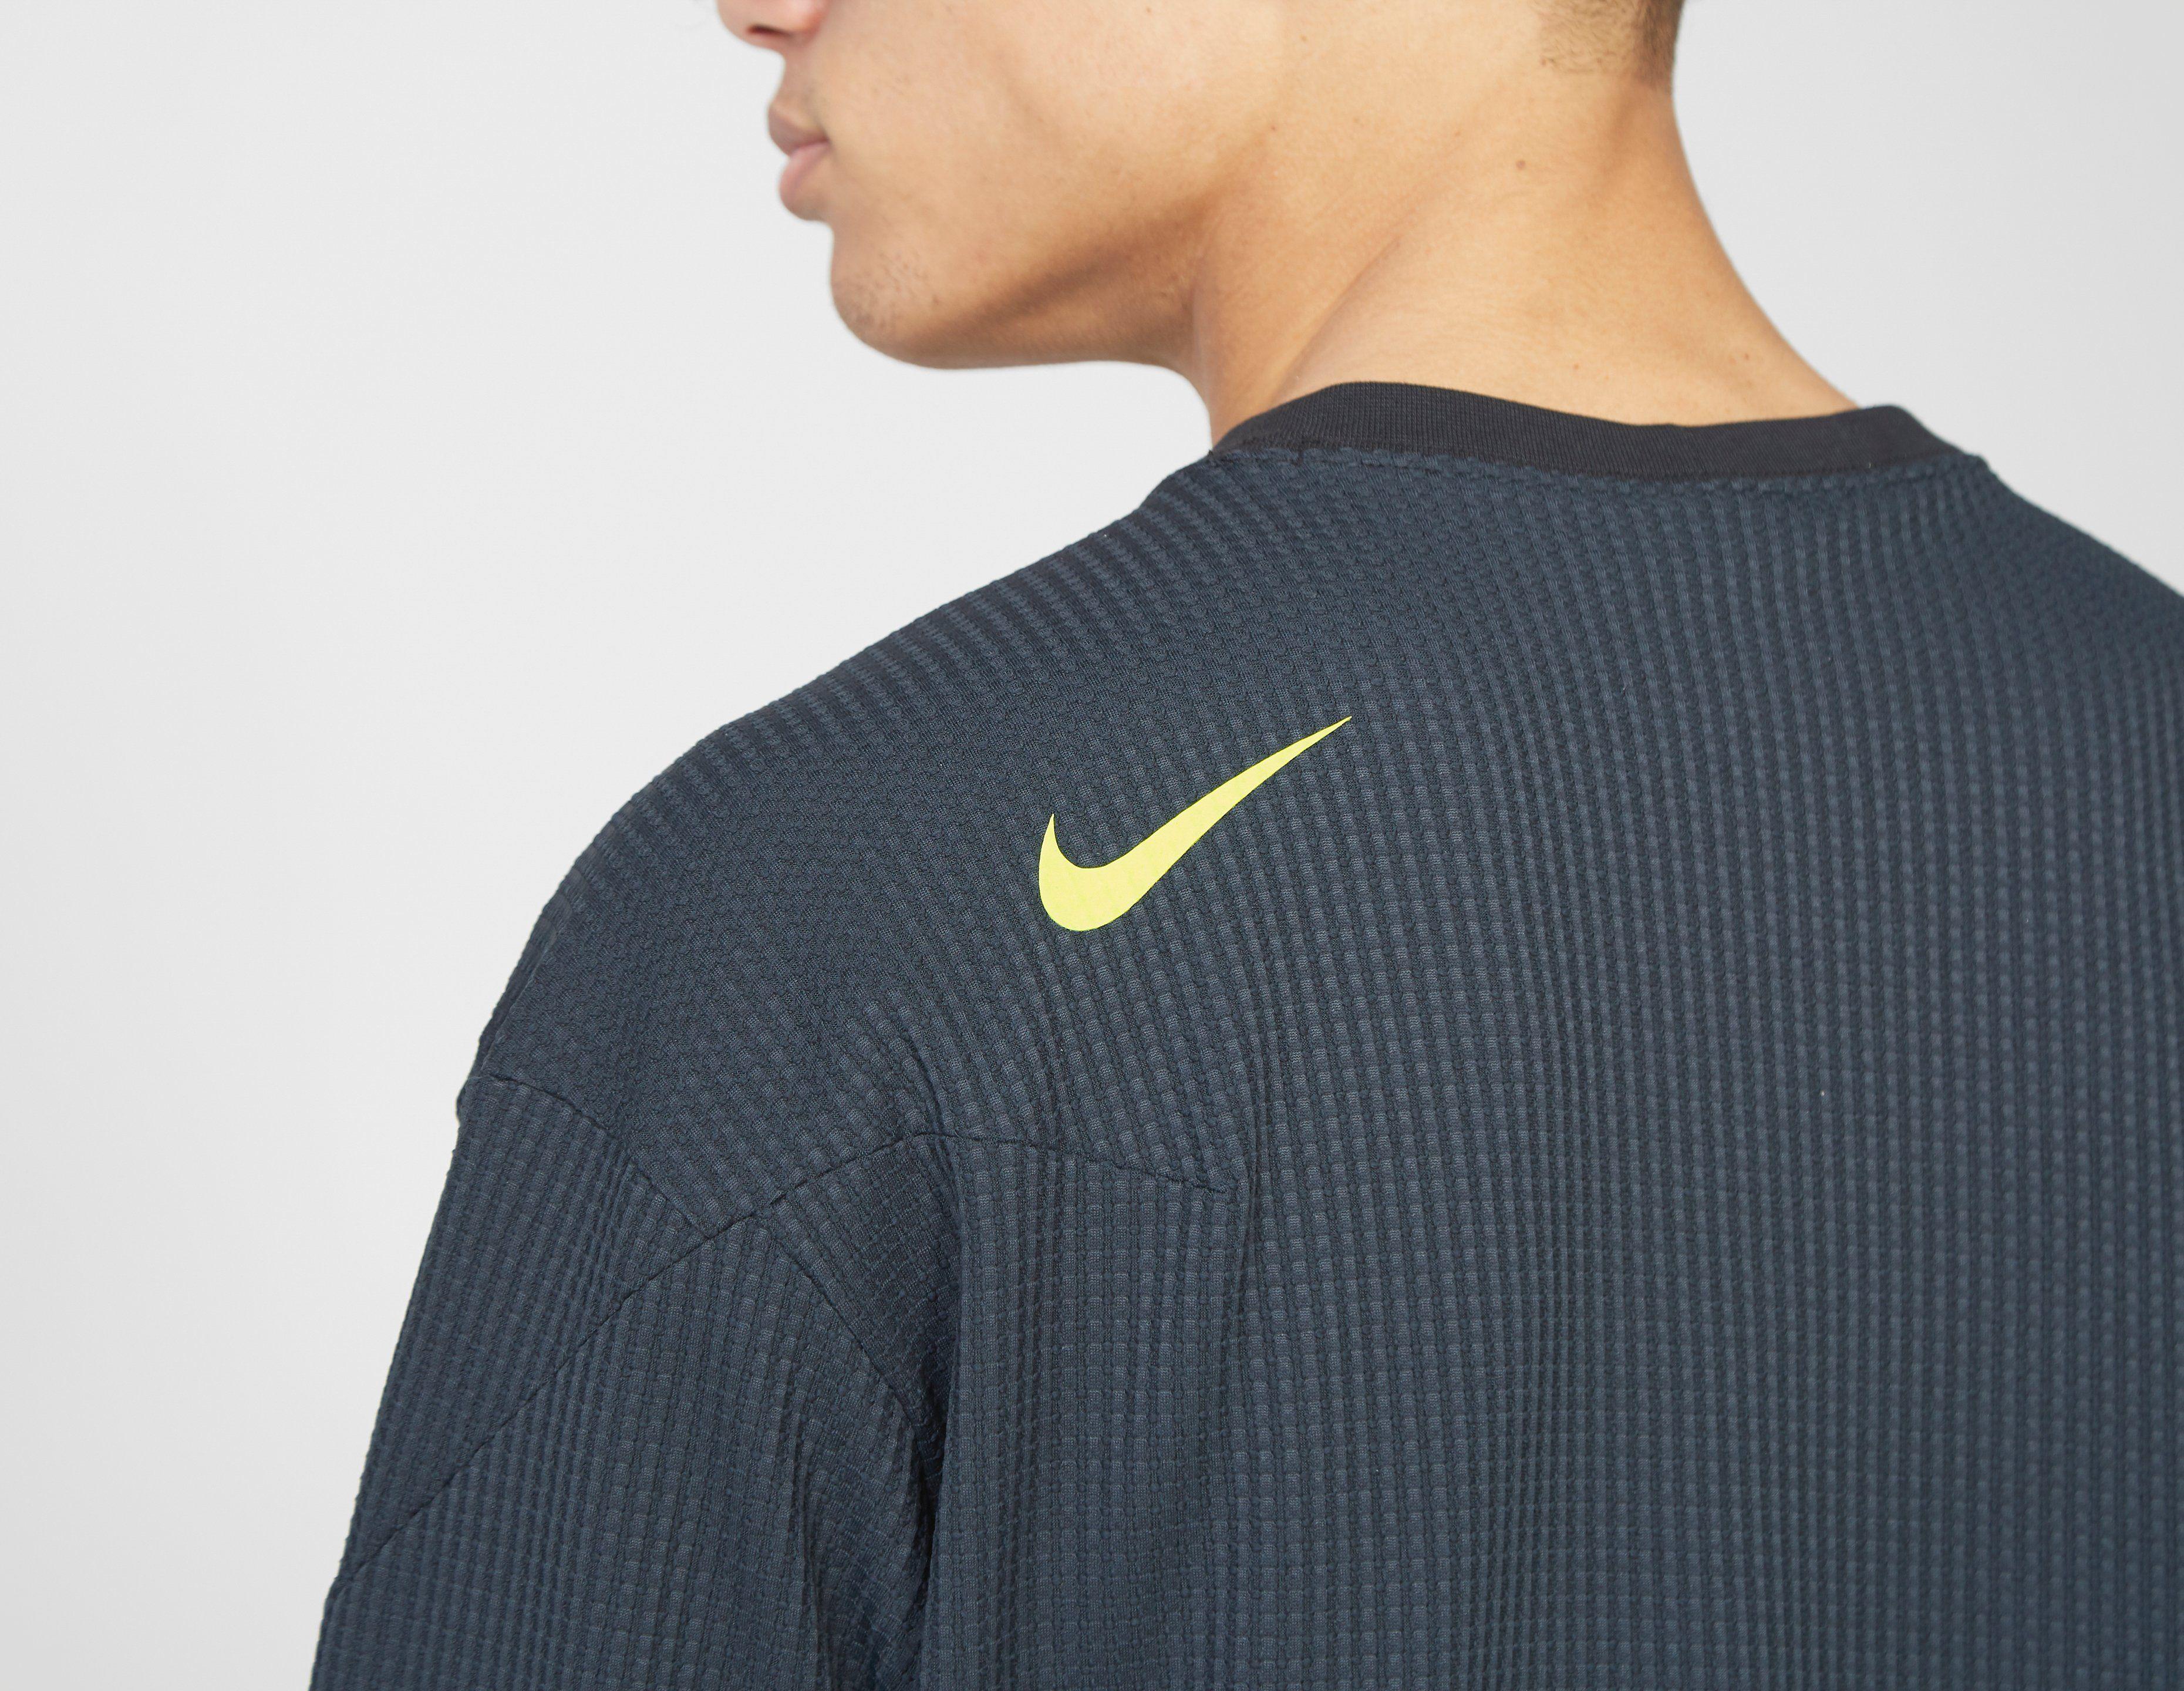 NikeLab ACG Waffle Long Sleeve Top